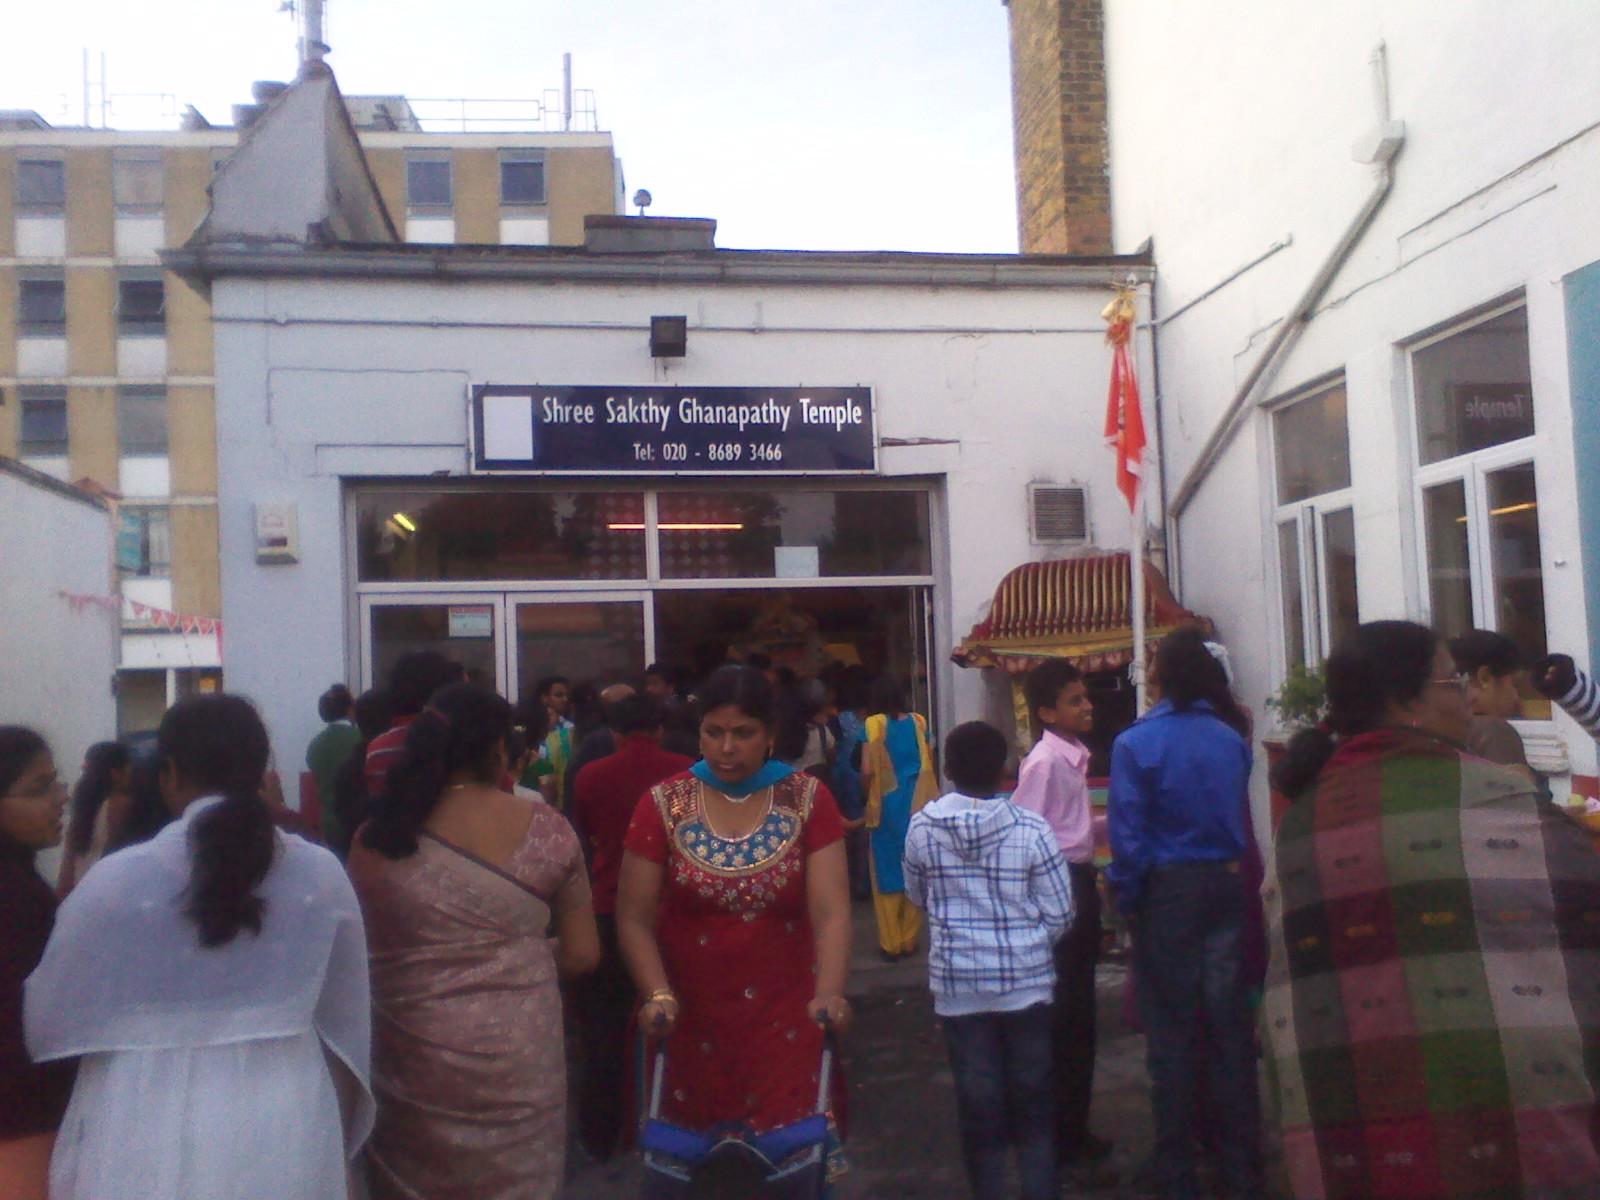 London_Sakthi_Ganapathy